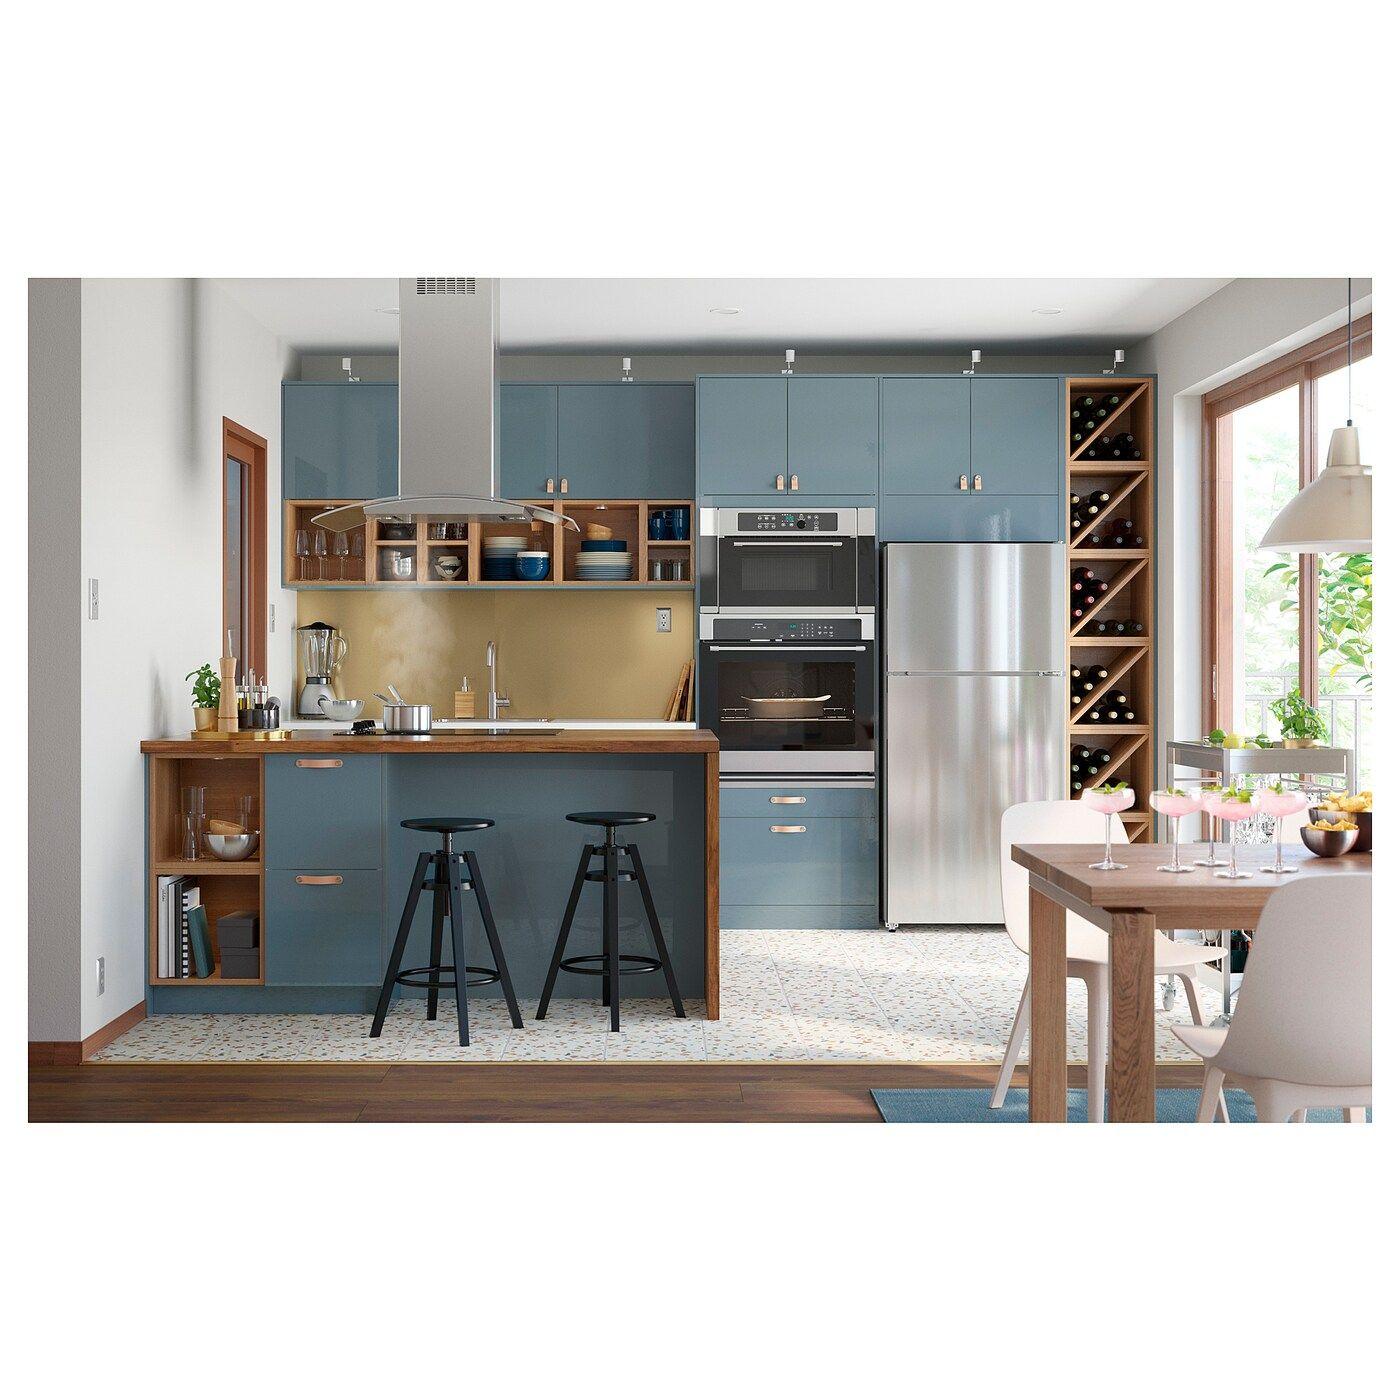 Karlby Massarbeitsplatte Nussbaum Furnier Ikea Osterreich Karlby Countertop Kitchen Design Ikea Kitchen